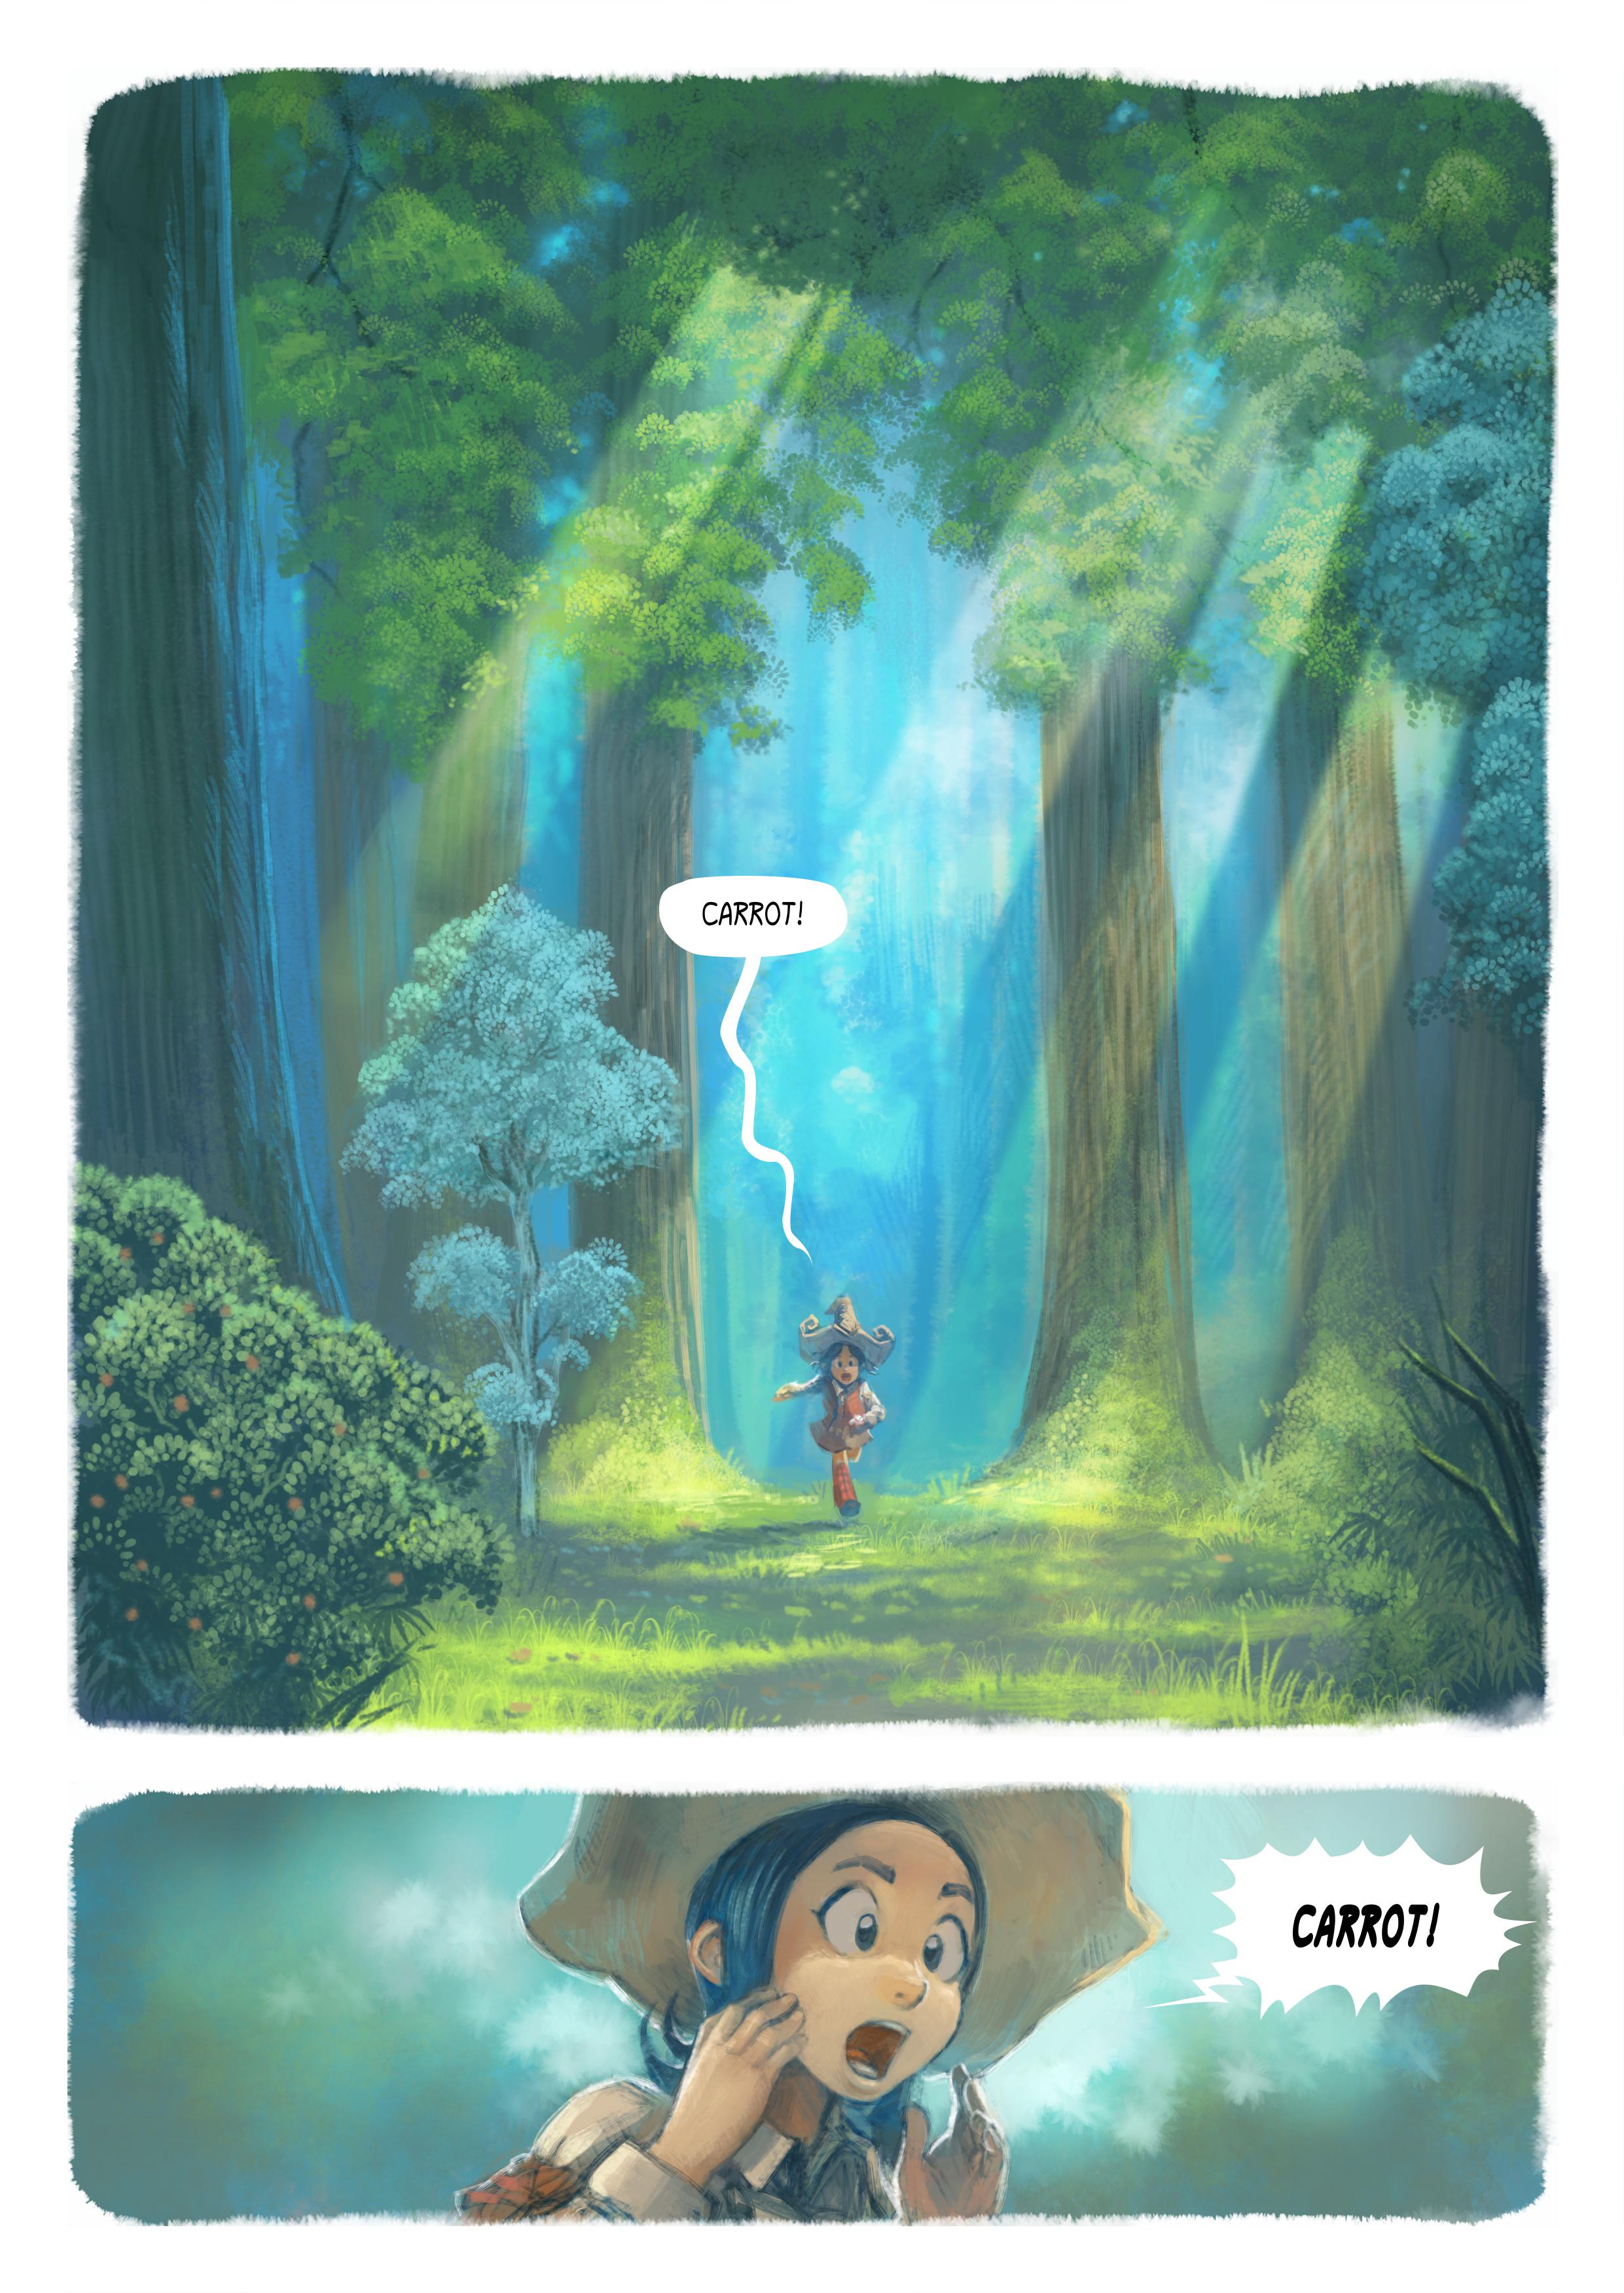 Episode 7: Der Wunsch, Page 1